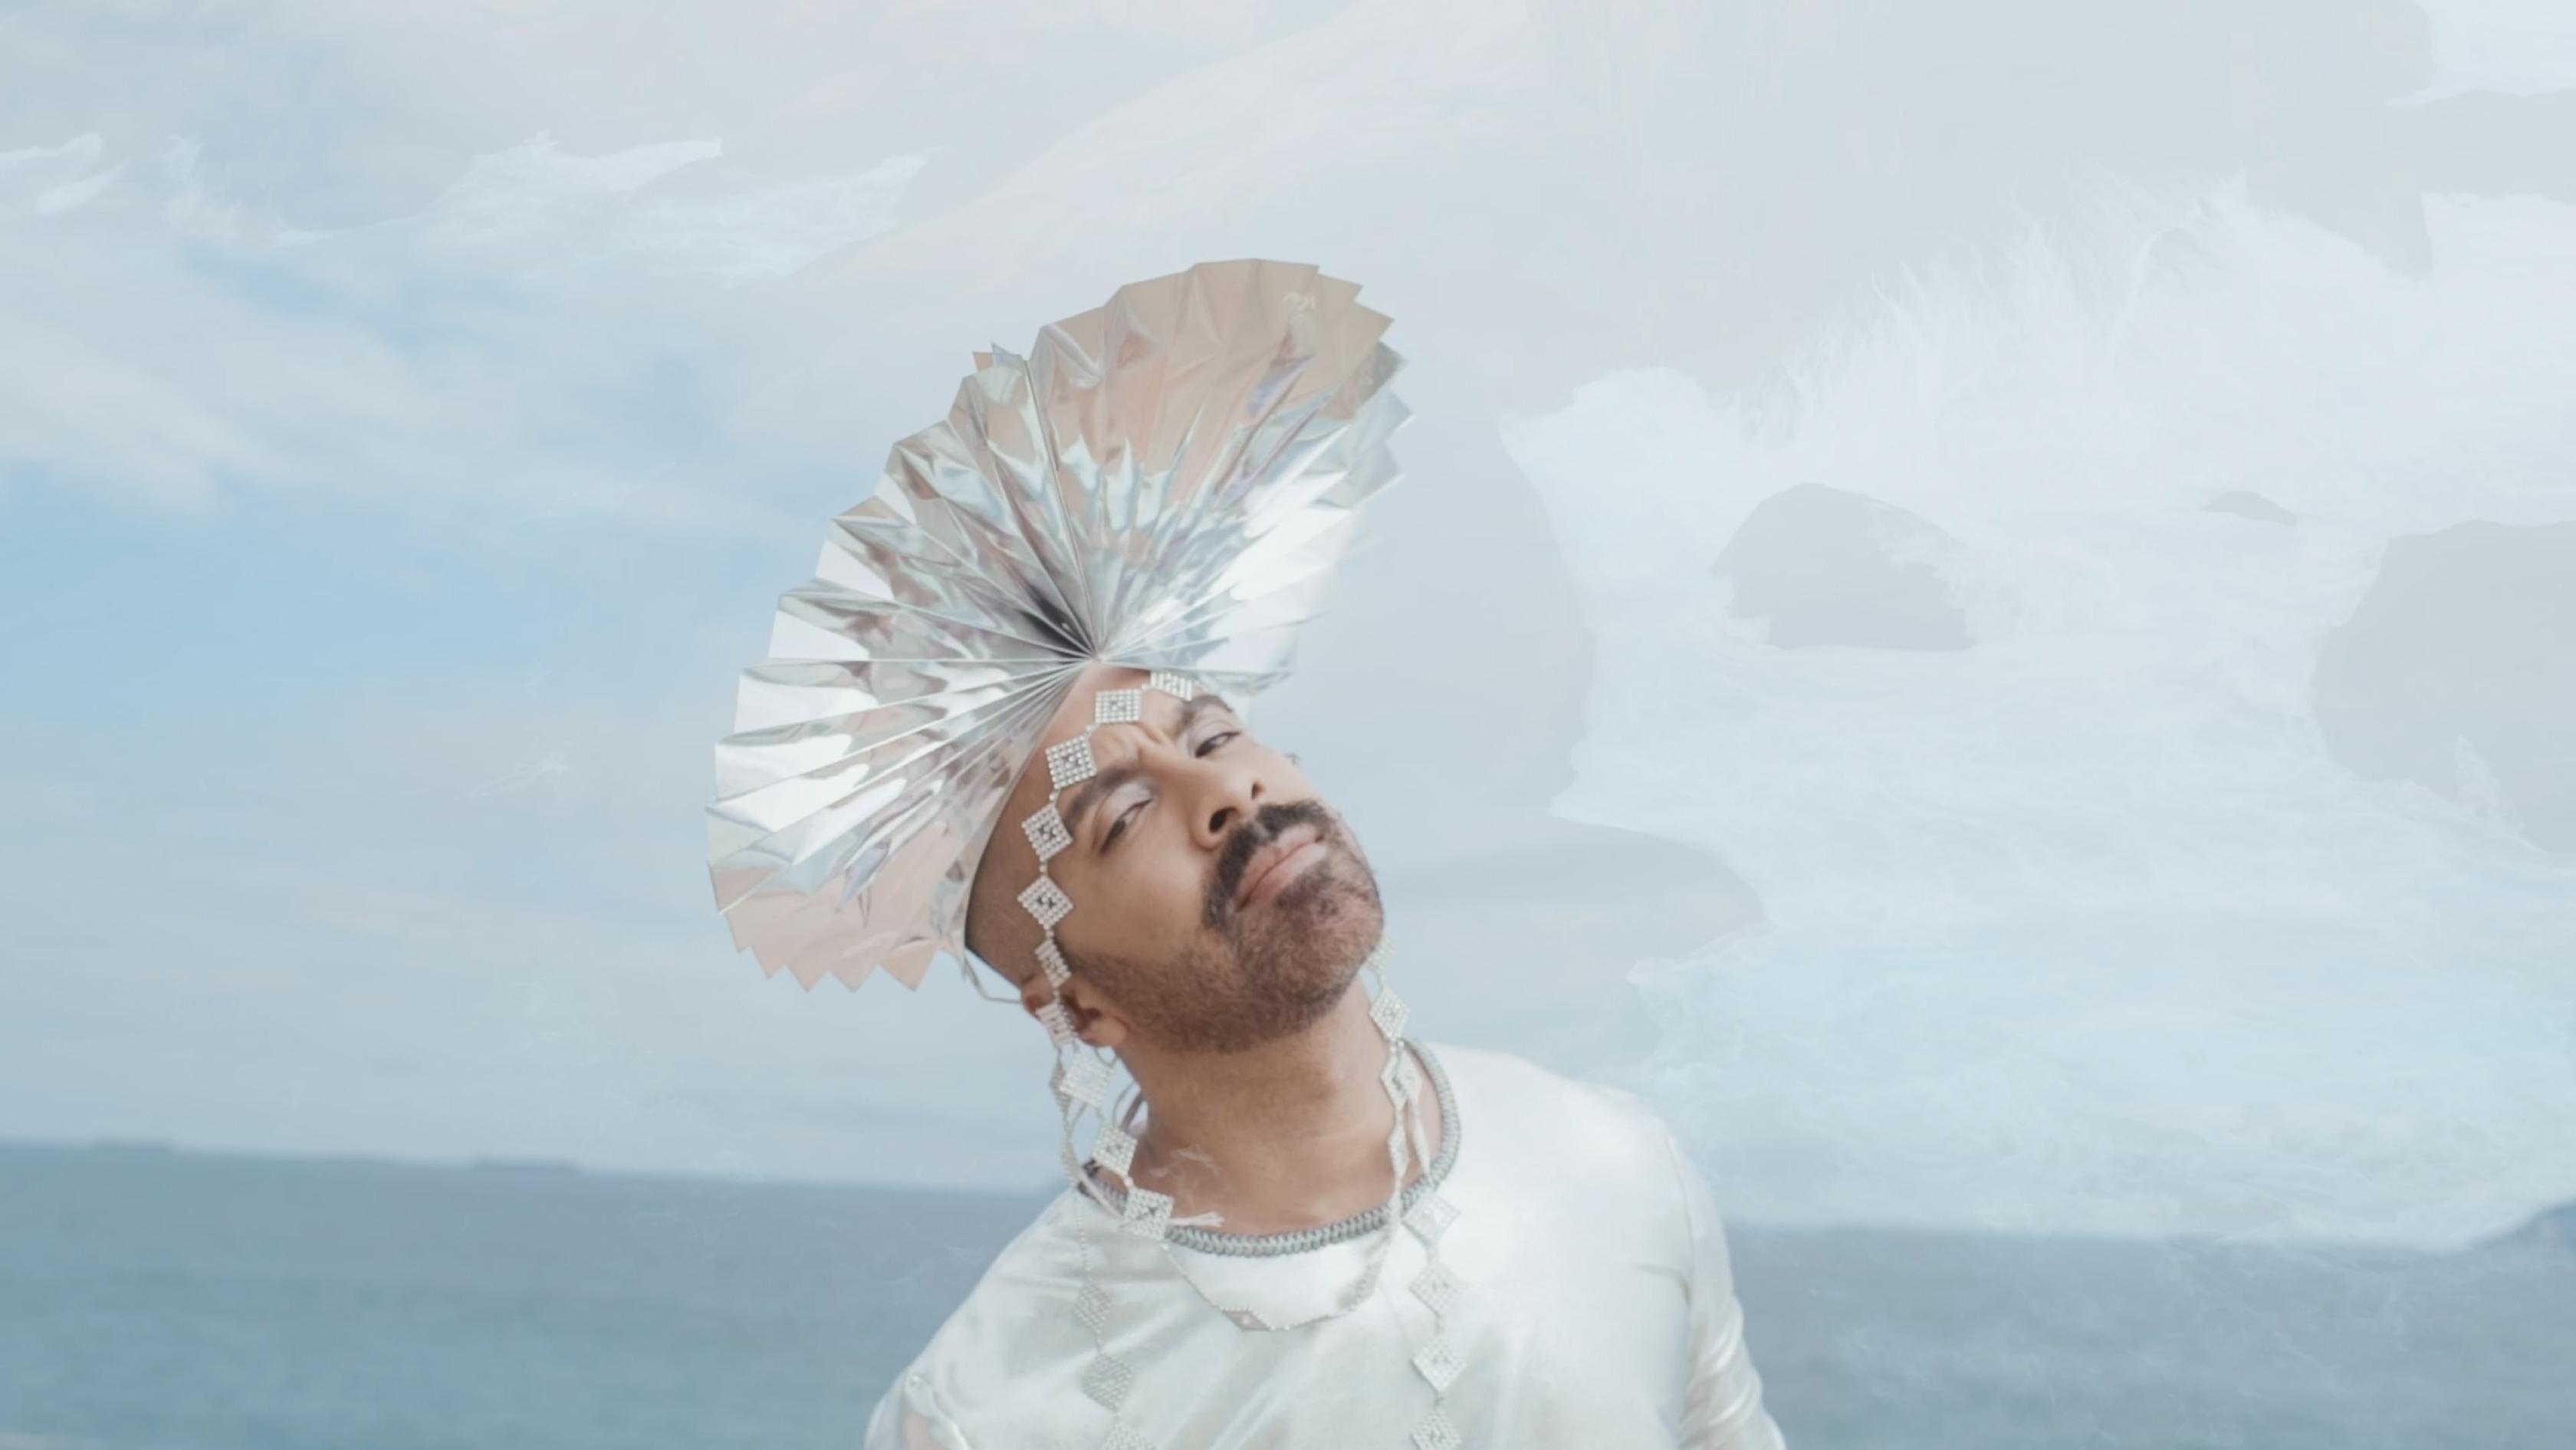 """Premiere: Bruno Capinan's """"Escorpião"""" Is a Funk Carioca Odyessy"""